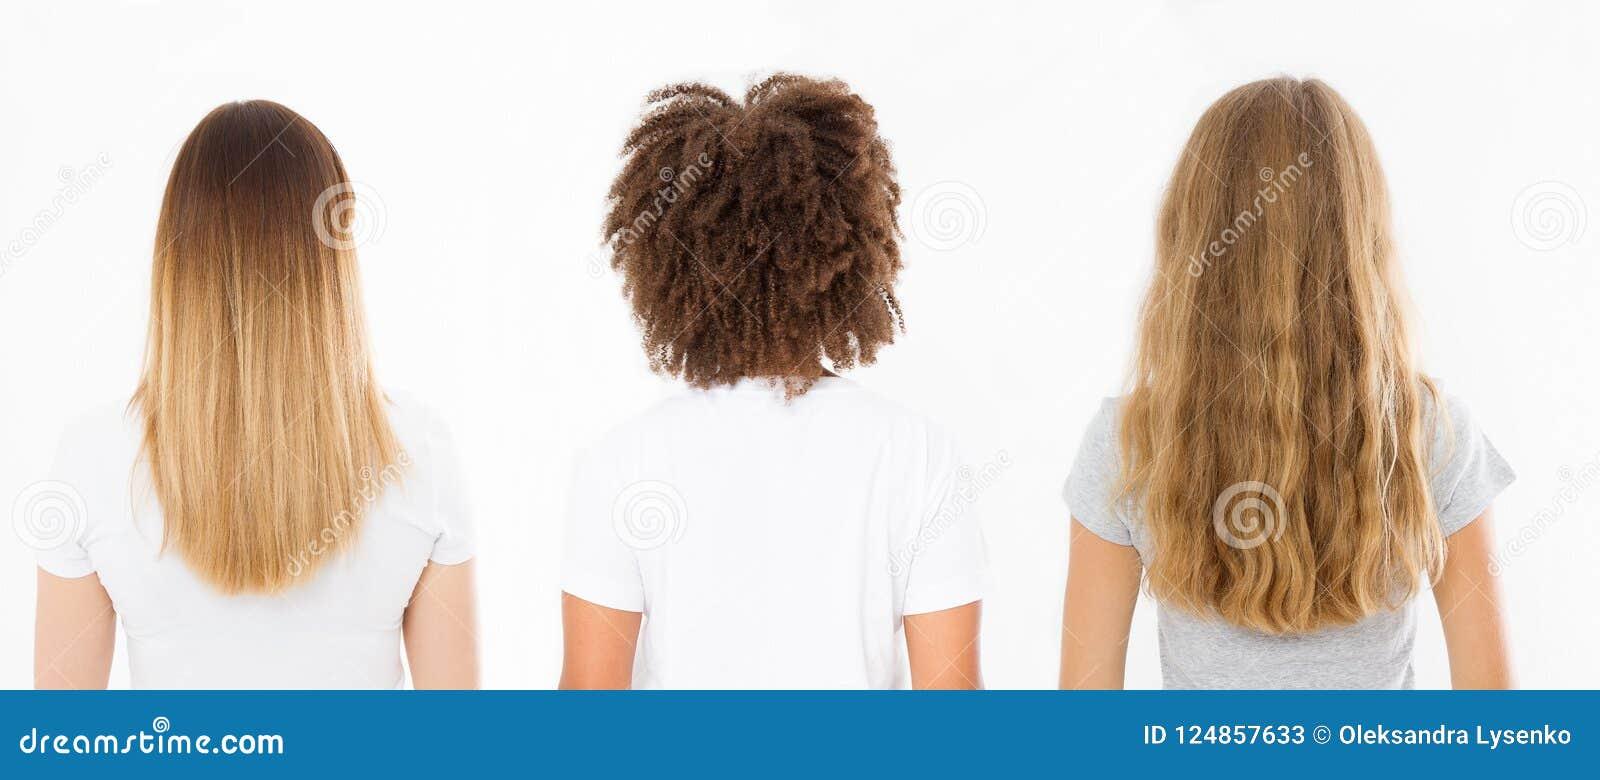 Le Type Caucasien Et Afro De Cheveux De Femme A Ralenti La Vue D Isolement Sur Le Fond Blanc Coiffure Bouclee Africaine Ombre Et Image Stock Image Du Fond Afro 124857633